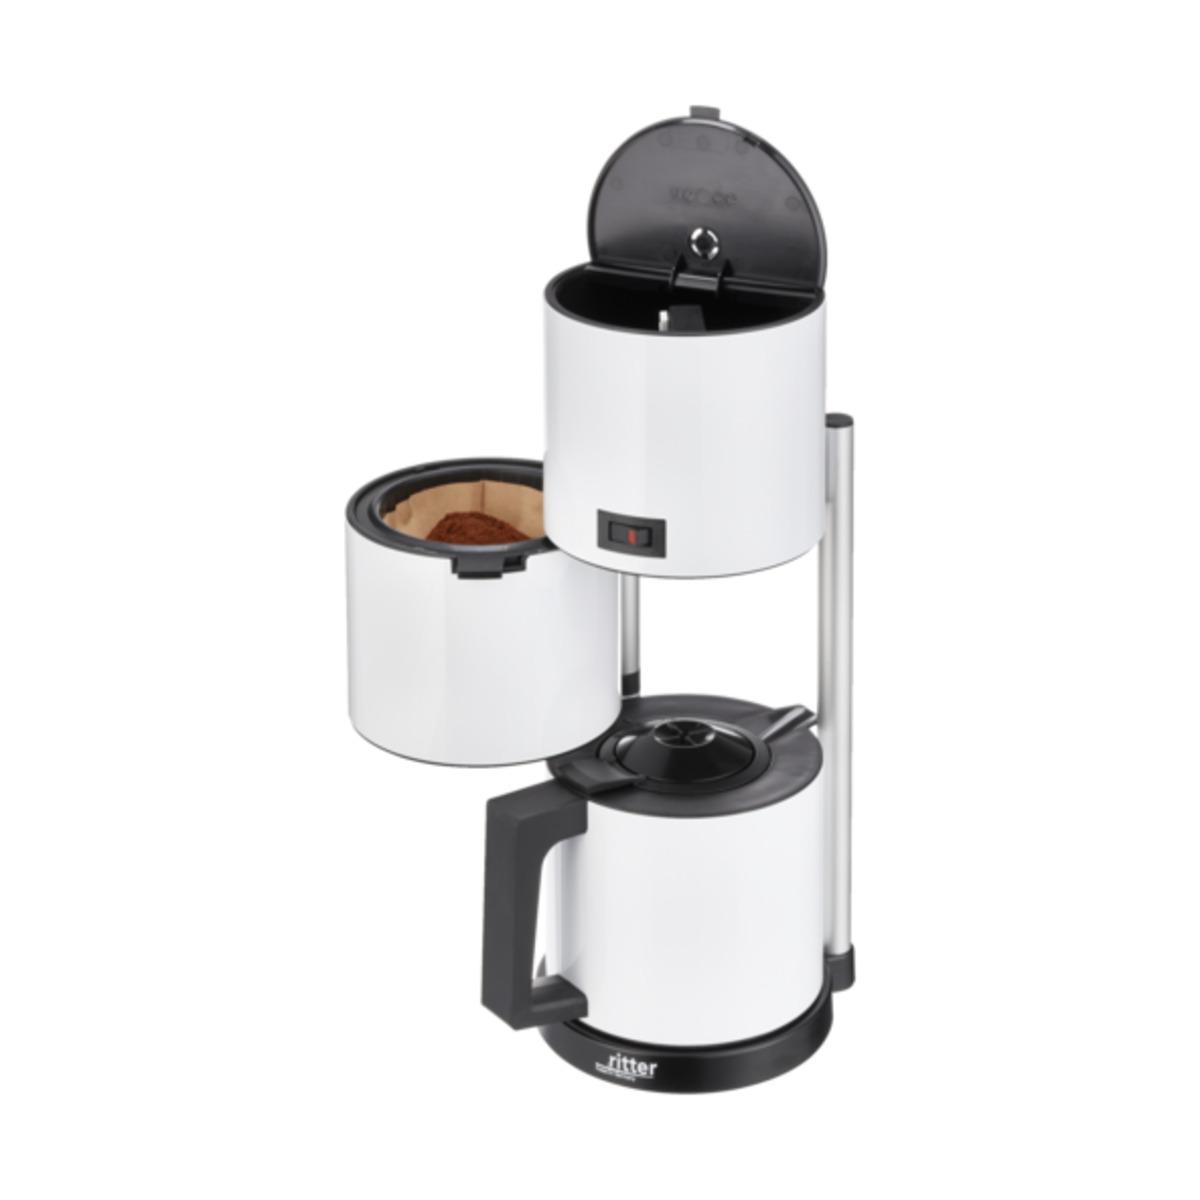 Bild 3 von Kaffeemaschine ritter Cafena 5, weiß